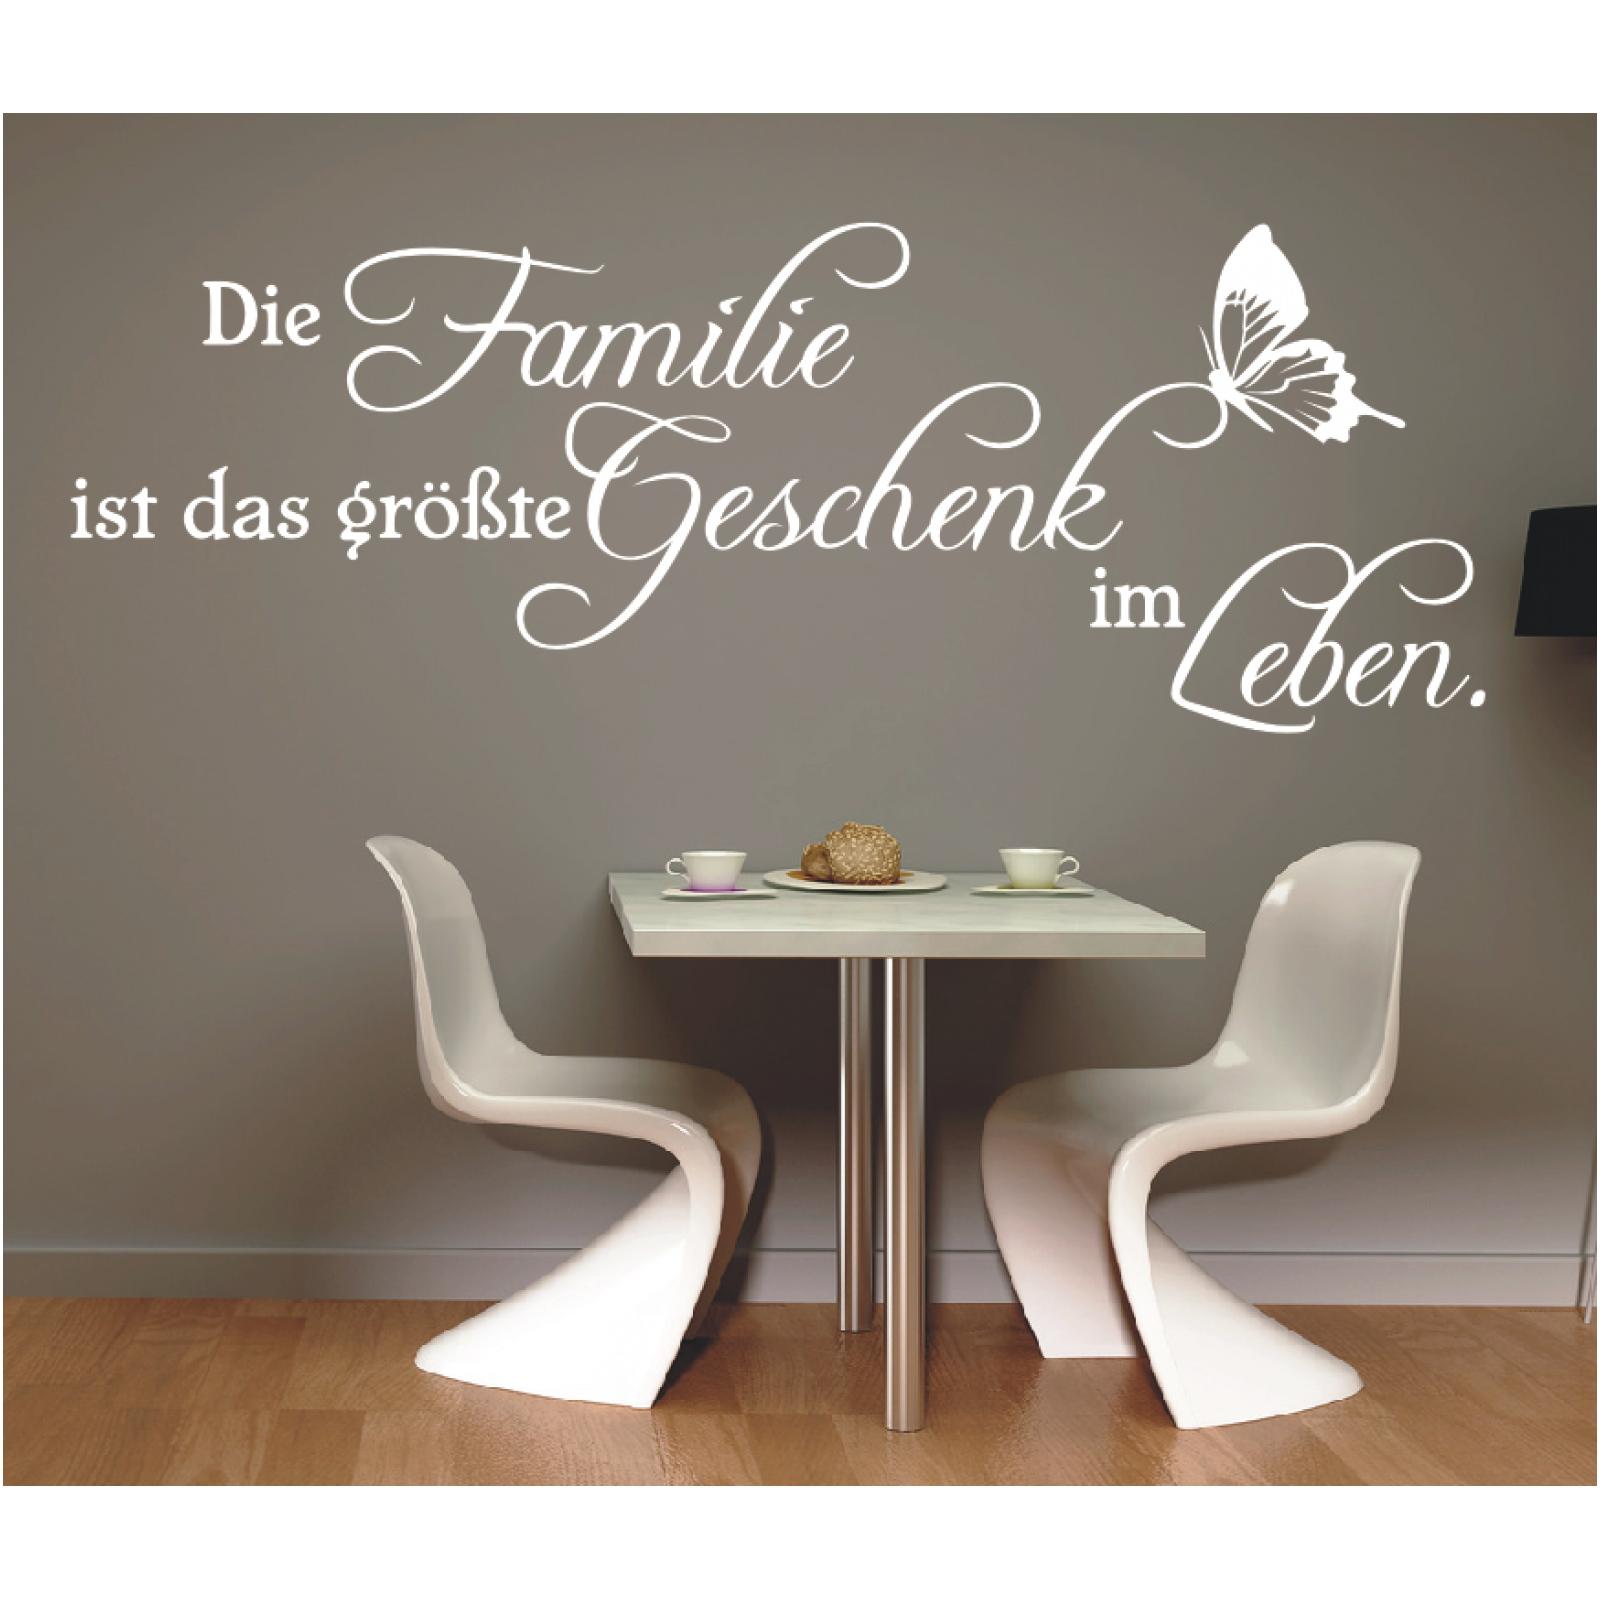 Wandtattoo Spruch  Die Familie ist das größte Geschenk Zitate Sticker Aufkleber